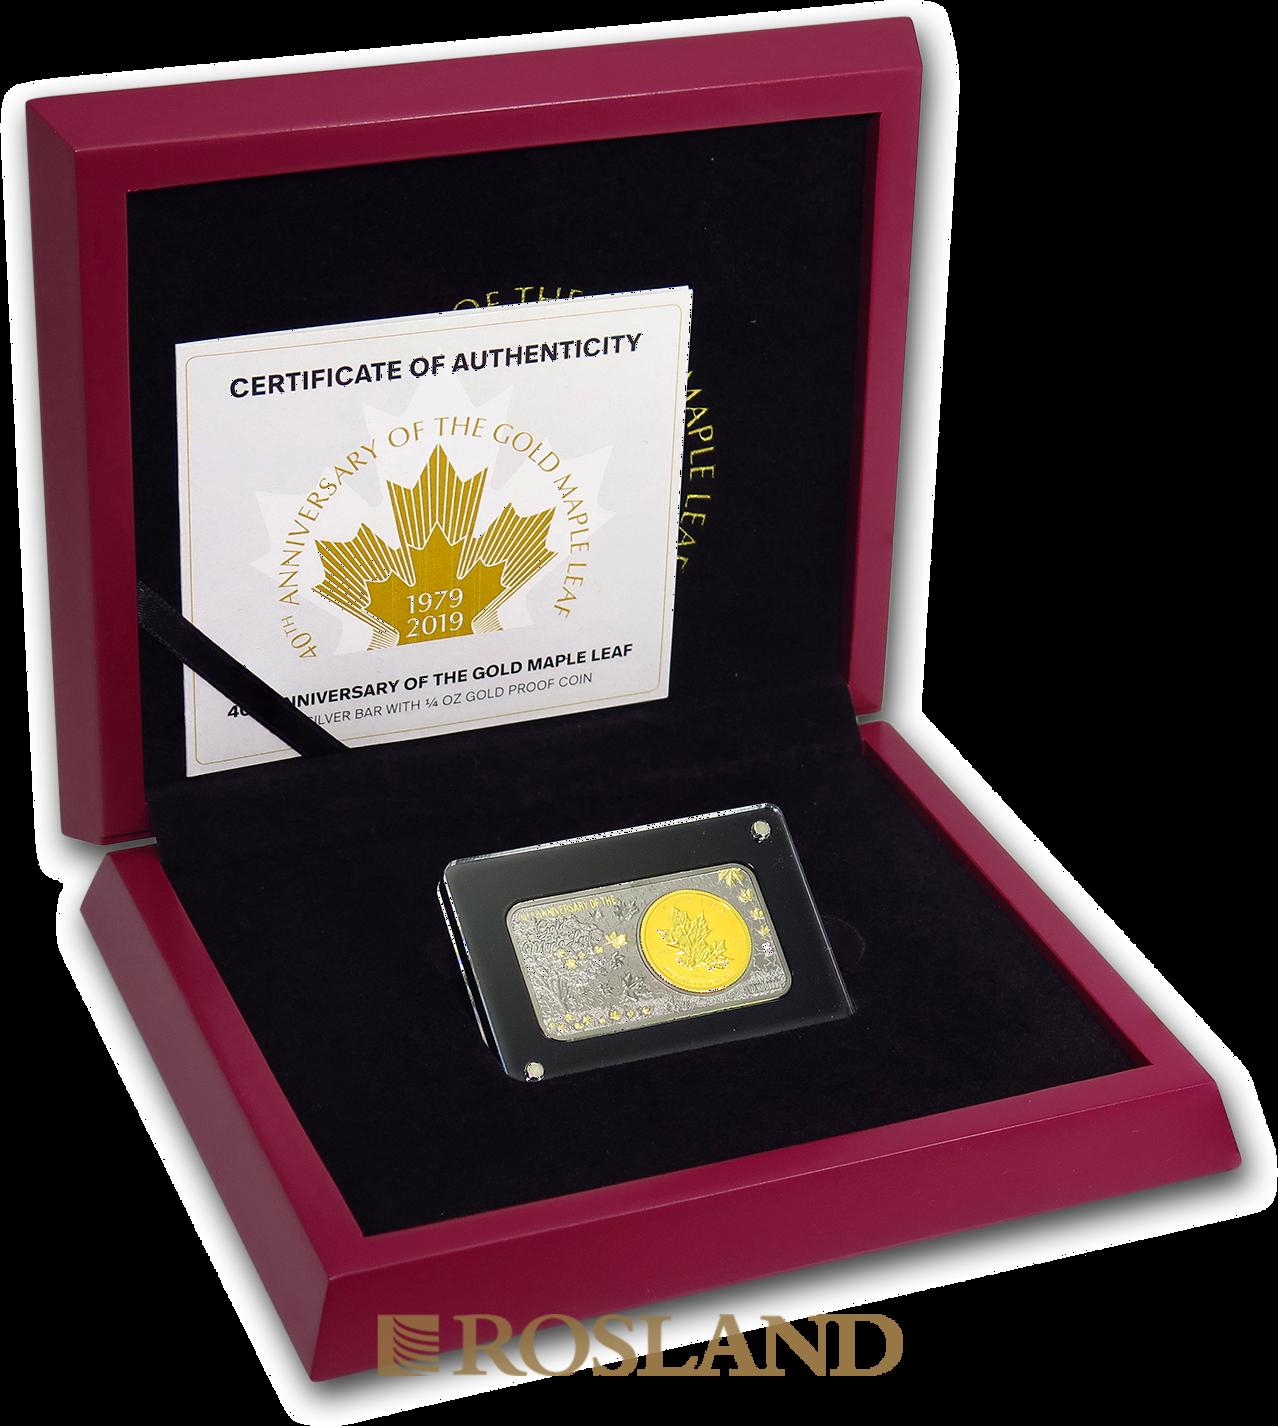 2 Teile Goldmünzen Silberbarren Set 40 Jahre Maple Leaf 2019 PP (Box, Zertifikat)